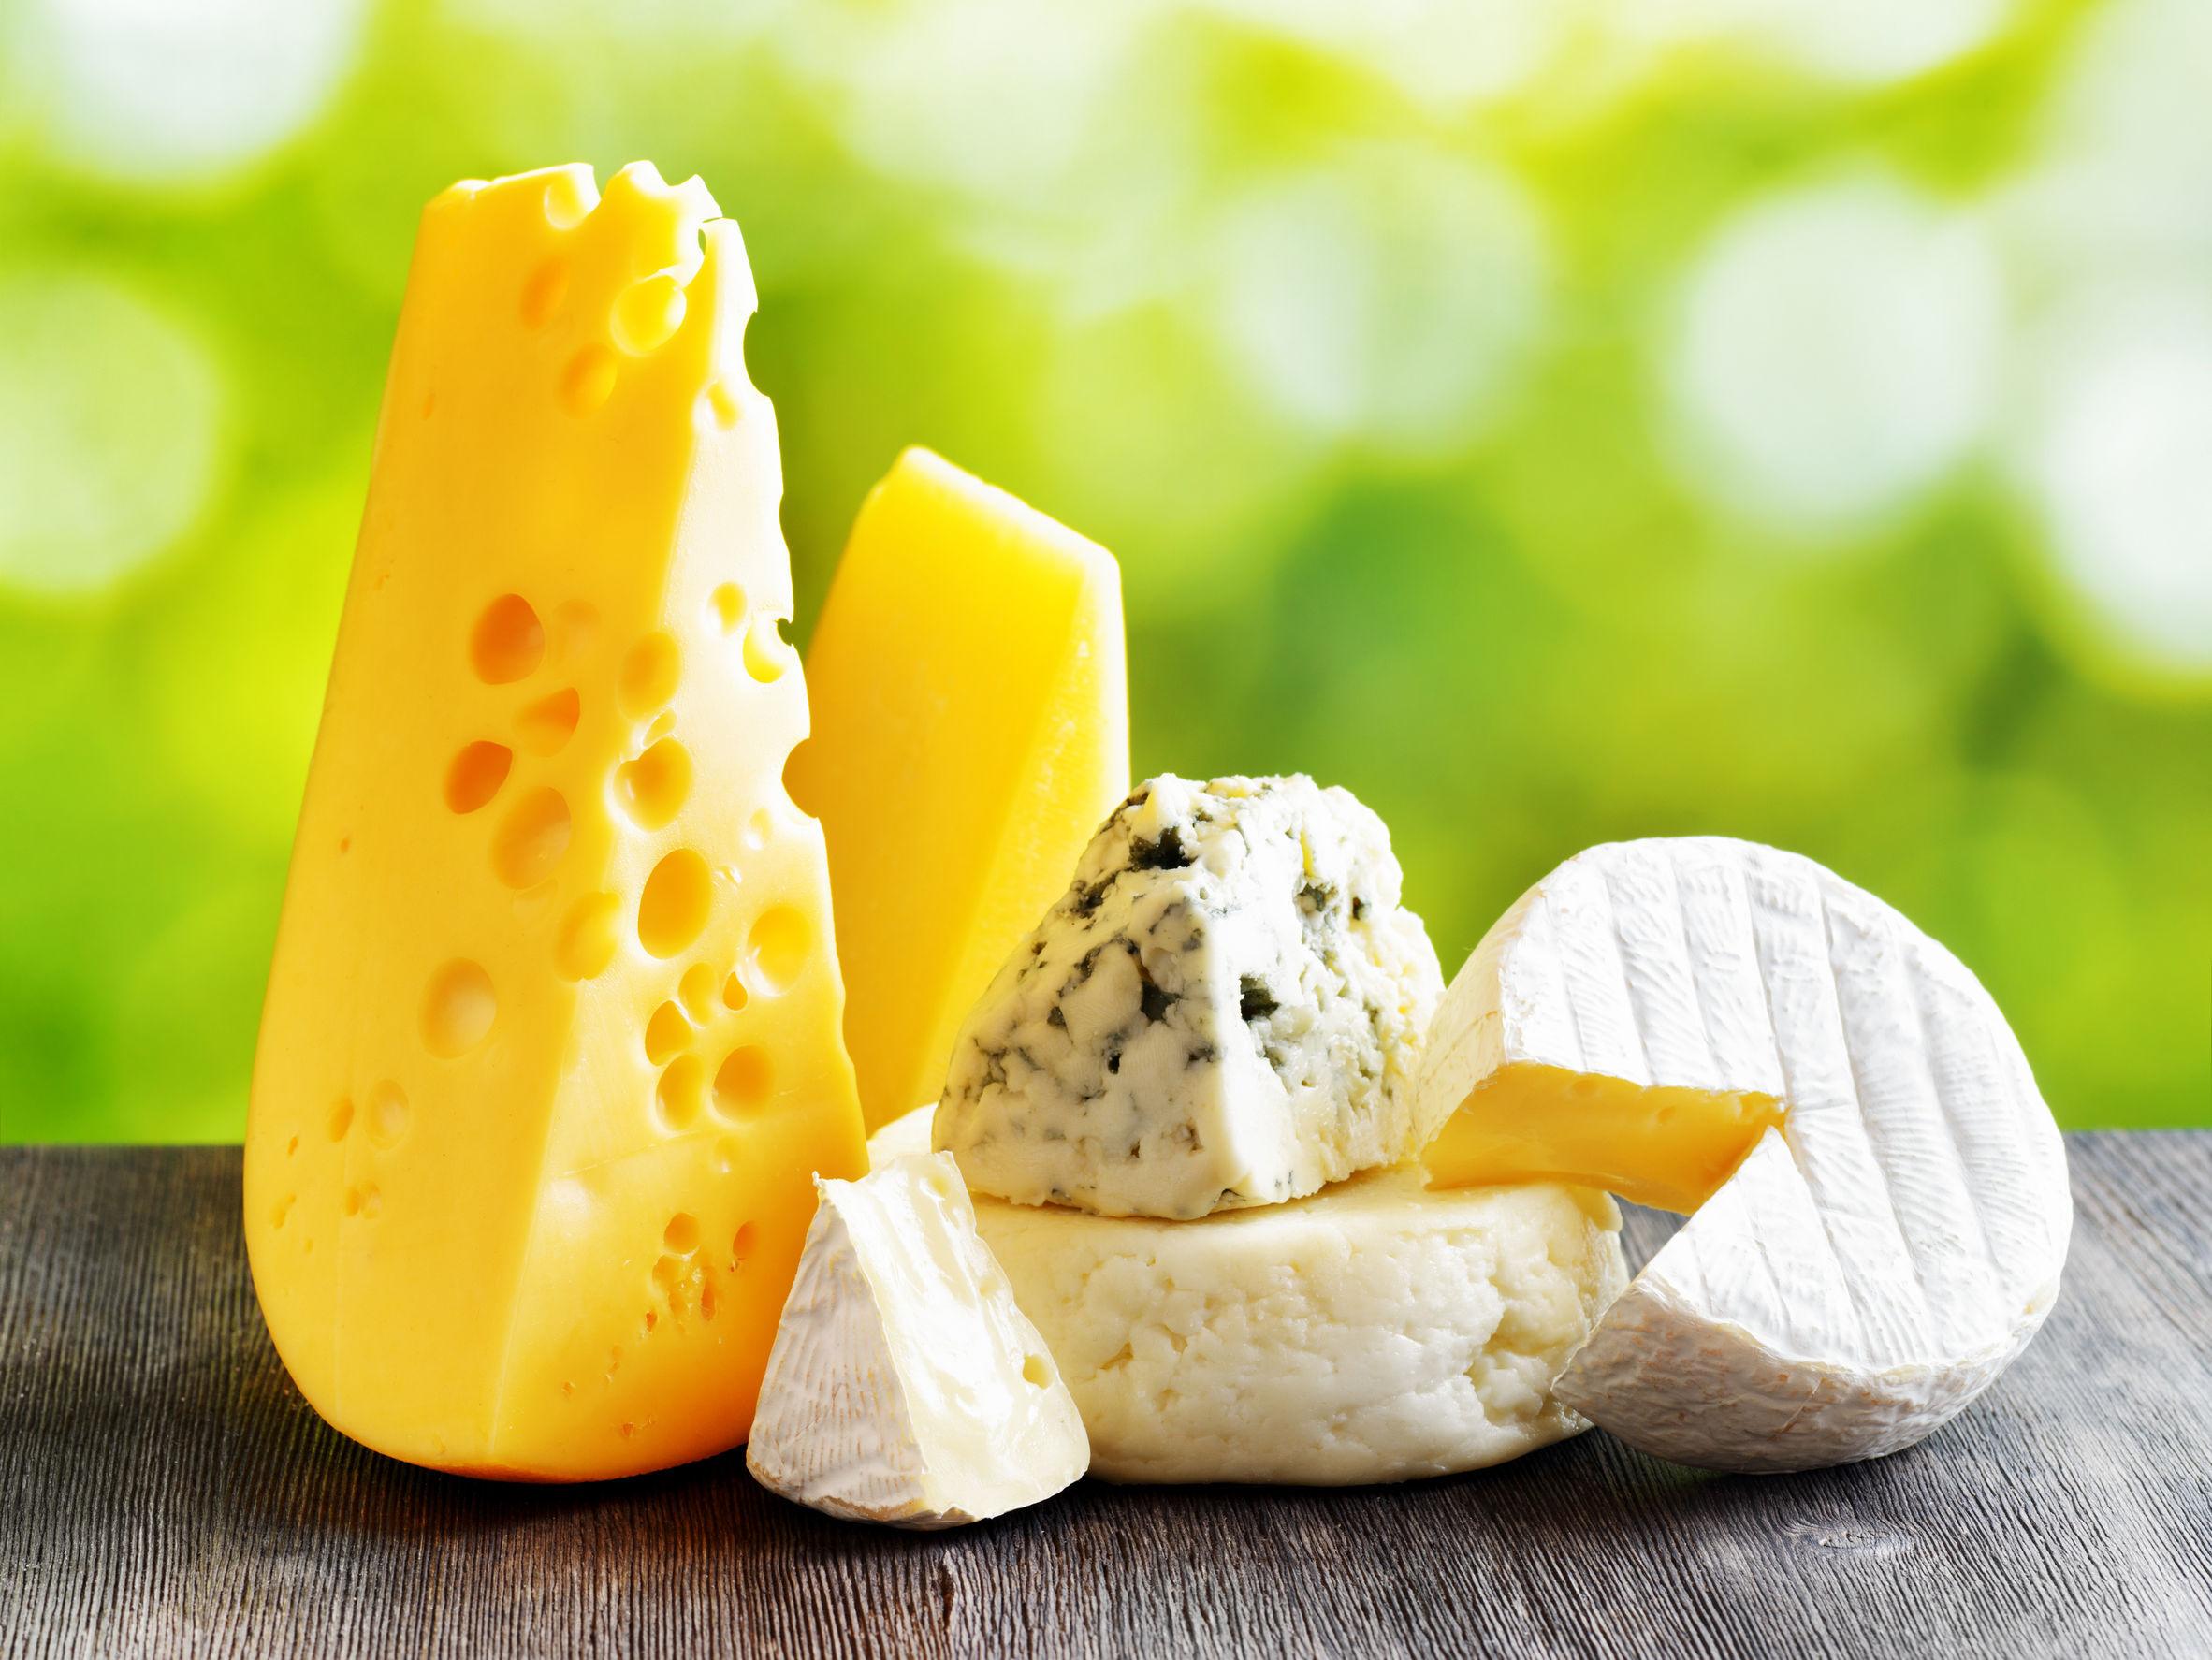 Brânză, un aliment benefic inimii. Află câtă trebuie să consumăm zilnic.